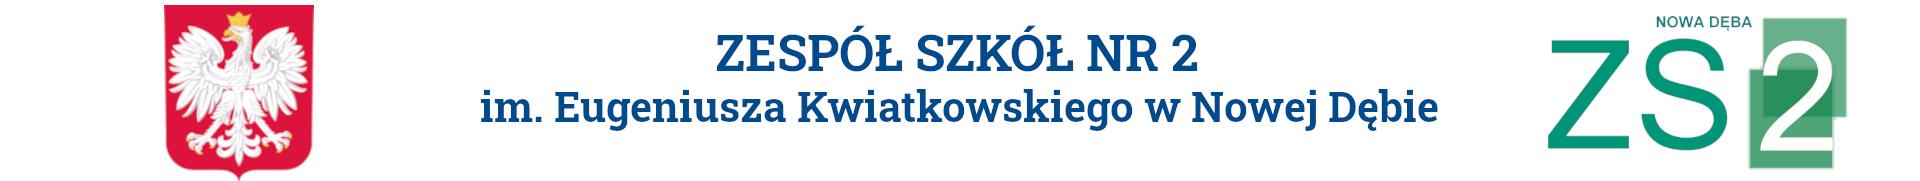 Zespół Szkół nr 2 im. Eugeniusza Kwiatkowskiego w Nowej Dębie